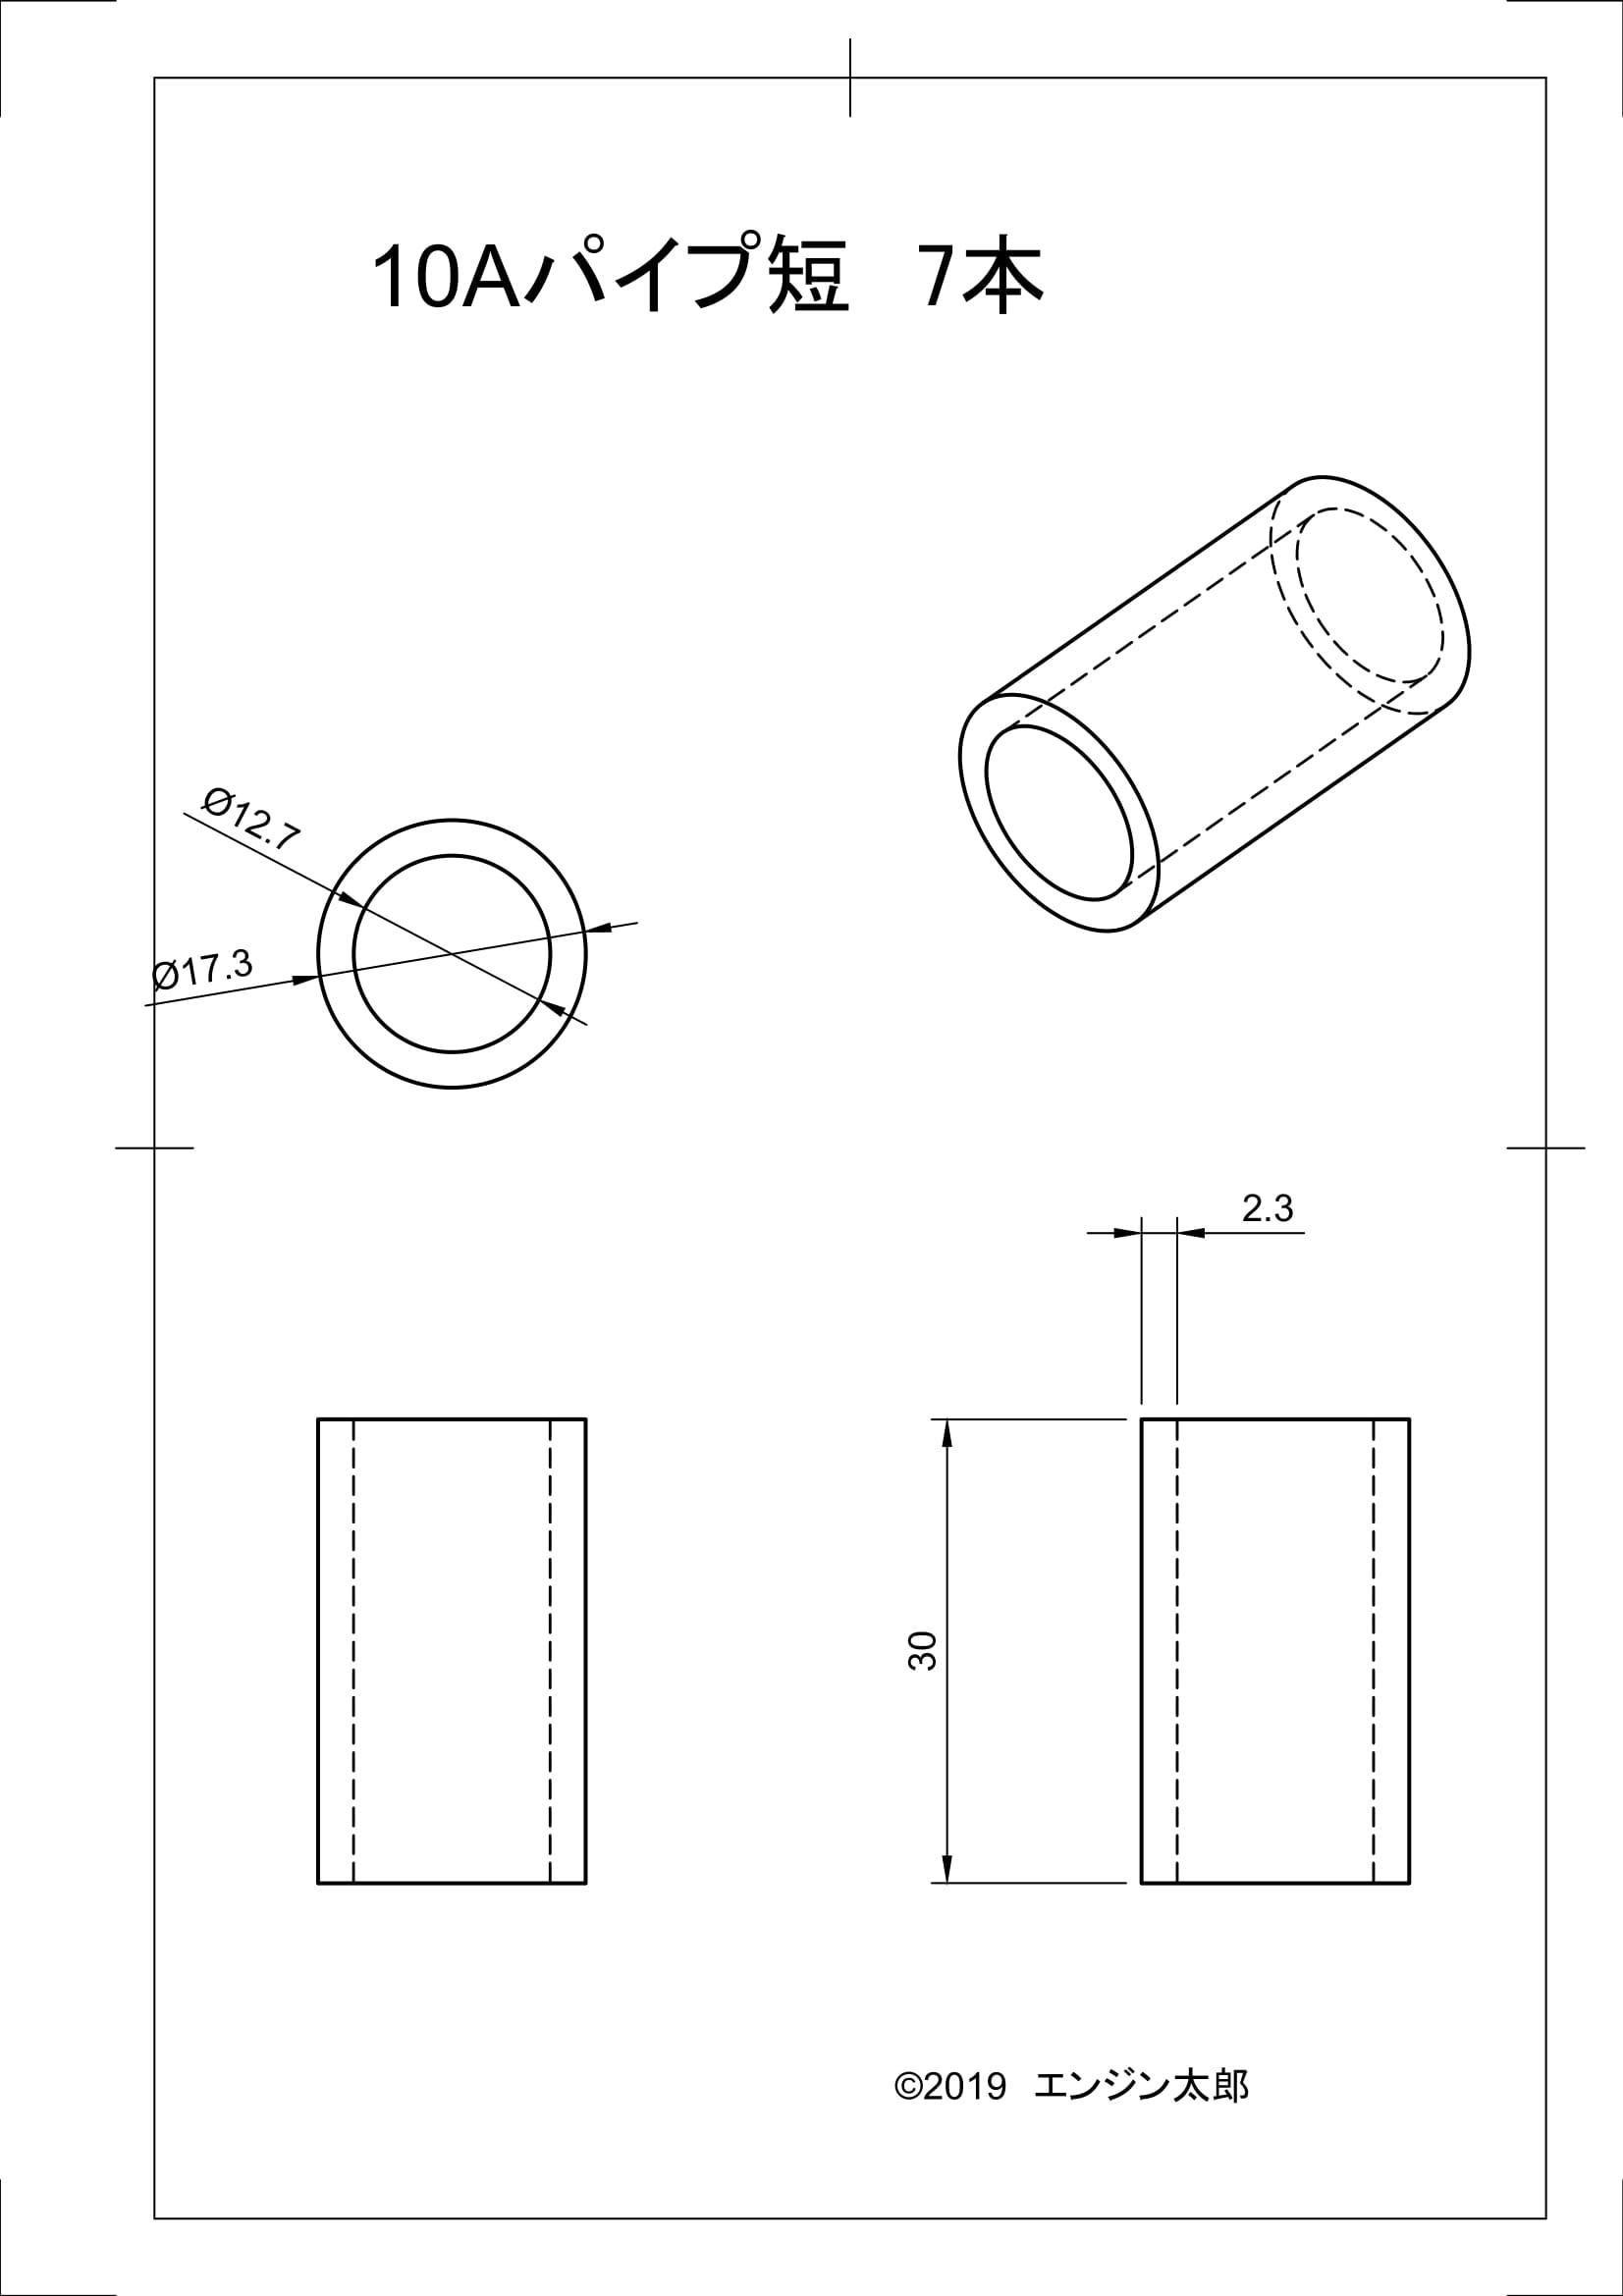 9チューブローラー2_10Aパイプ短1 図面-1